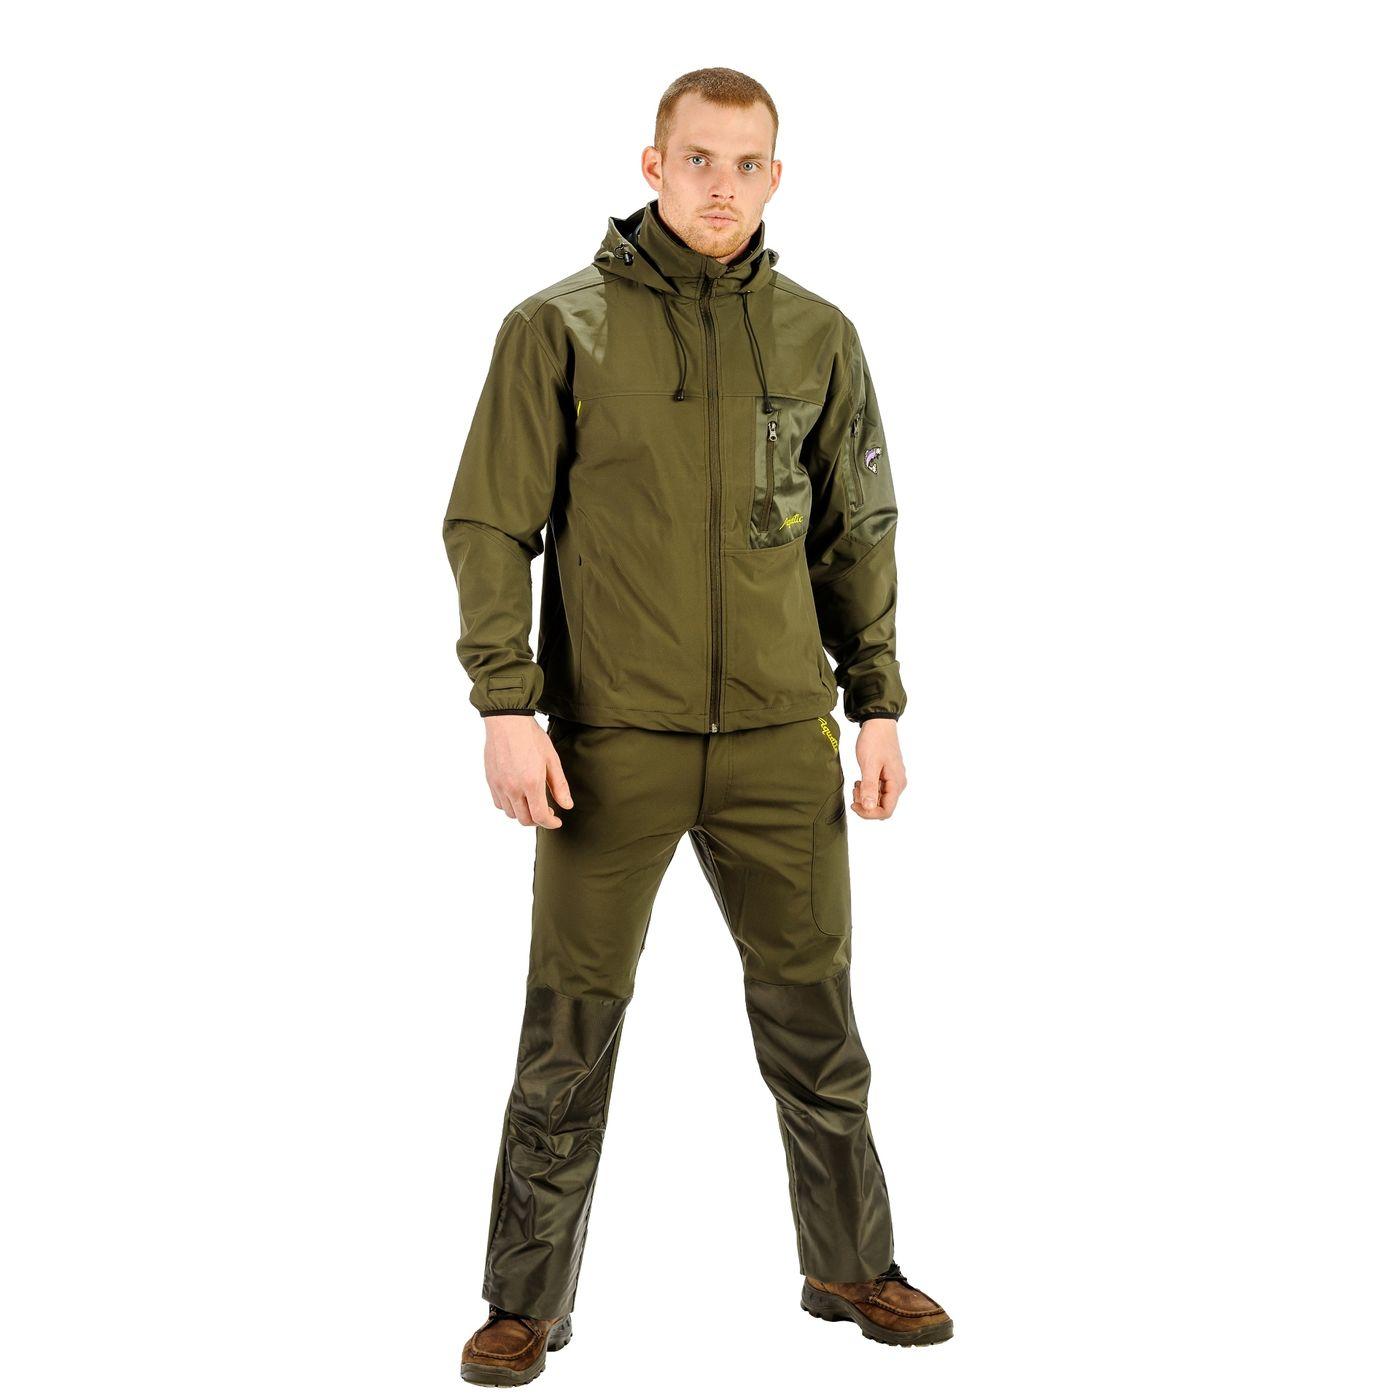 Jacket Thin Aquatic Kk-01 Softshell, Logo Fishing Kk-01 P 2XL